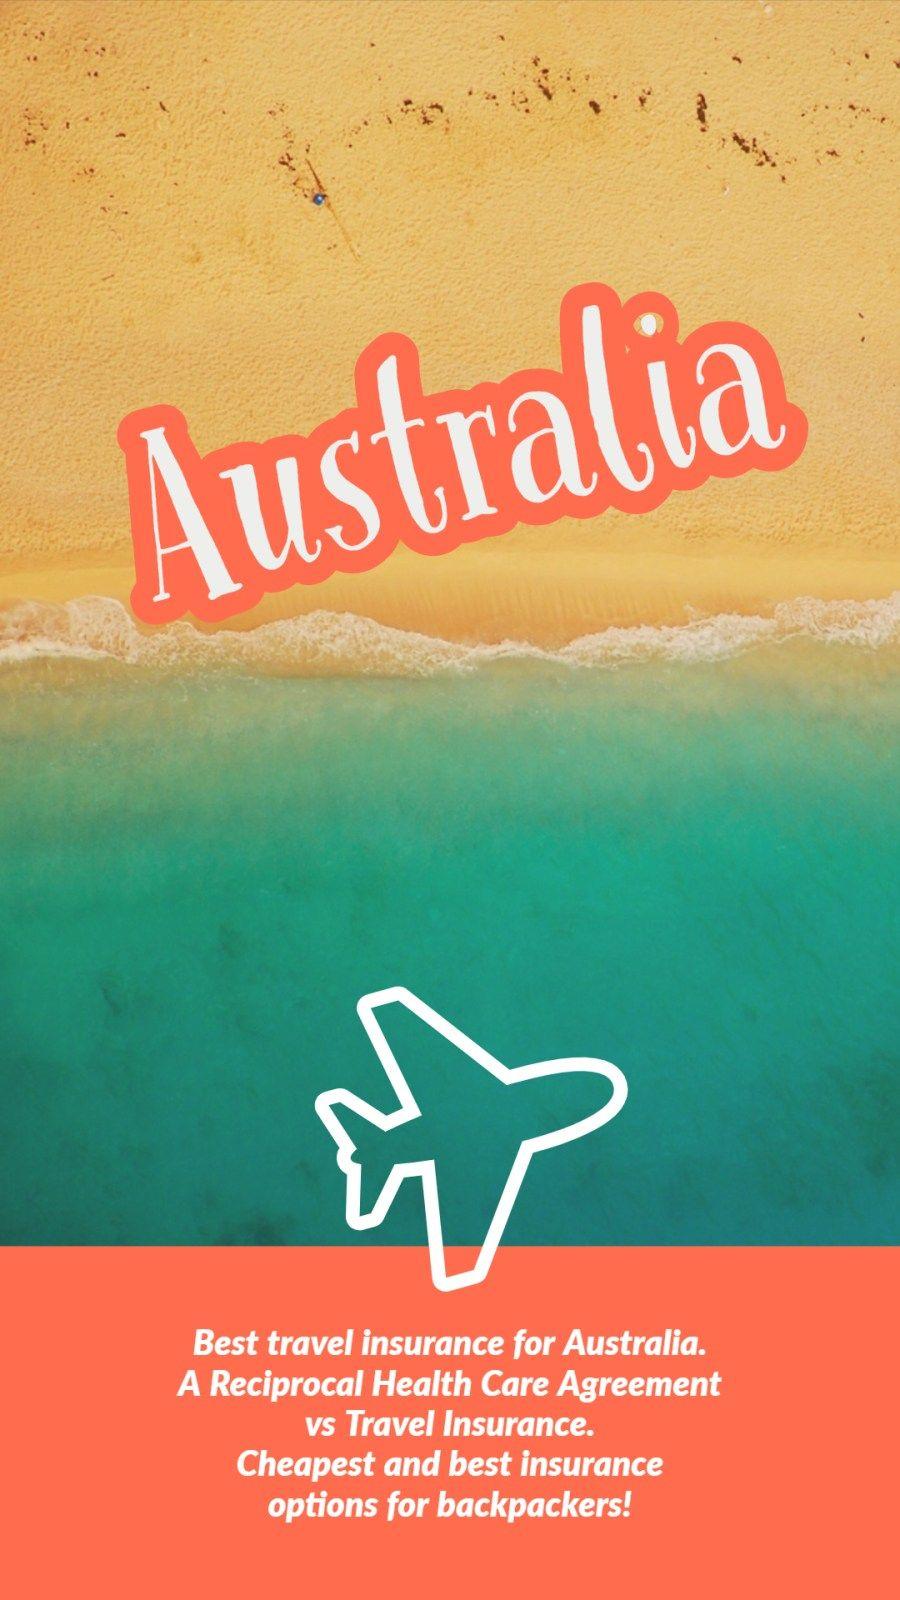 Travel Insurance For Australia - Best Insurance For ...